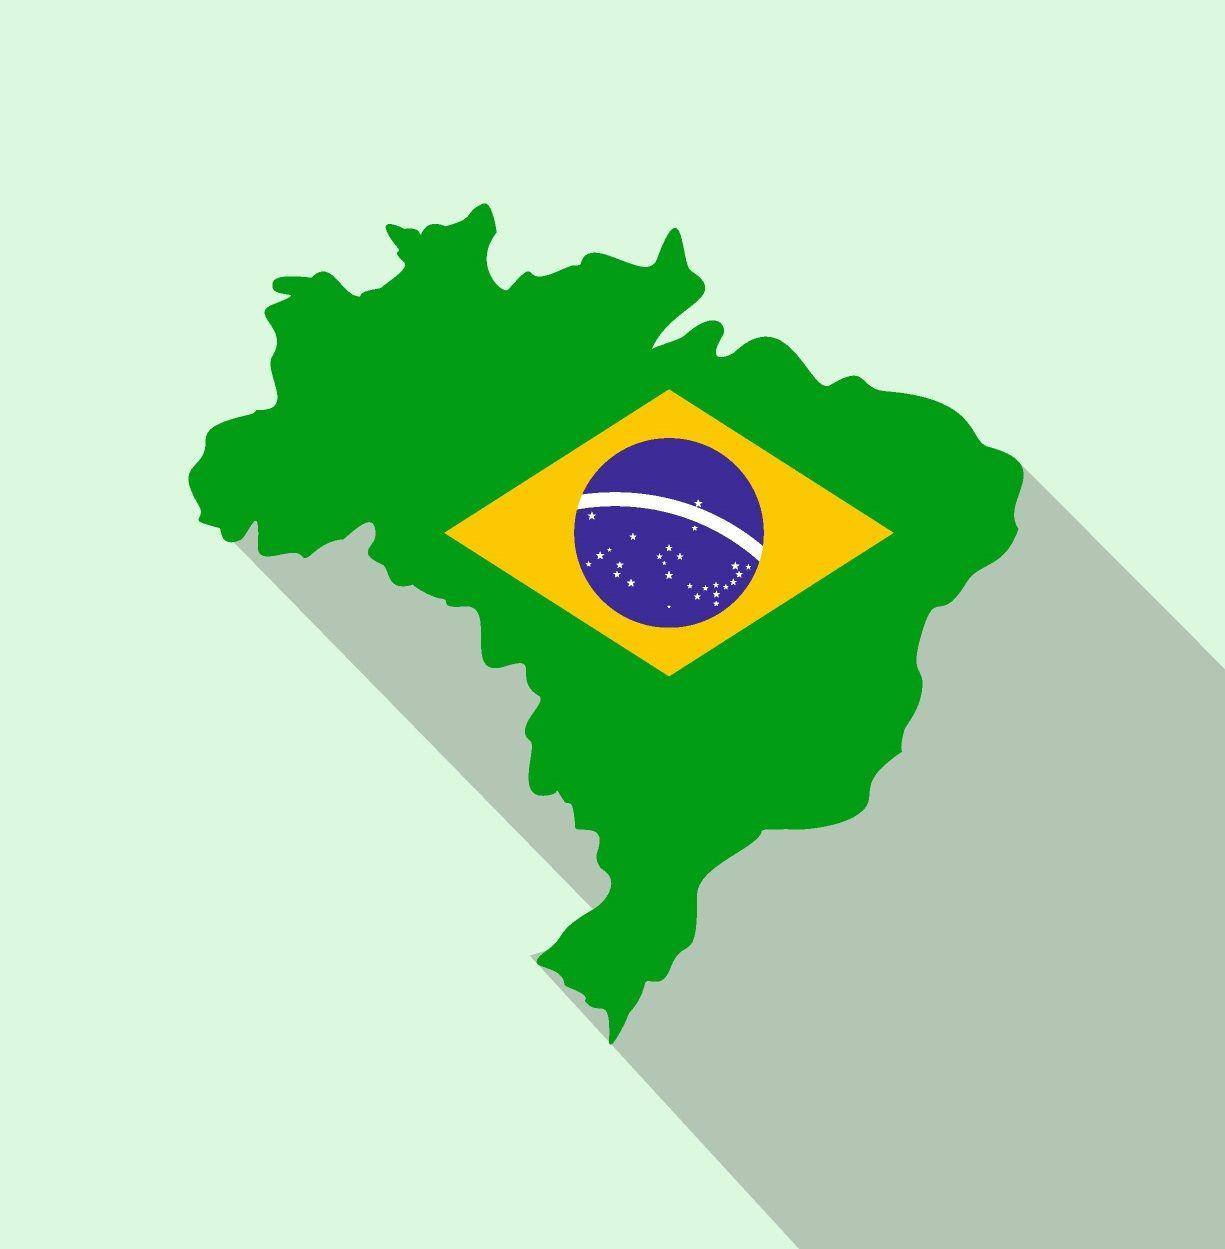 פורטוגזית1